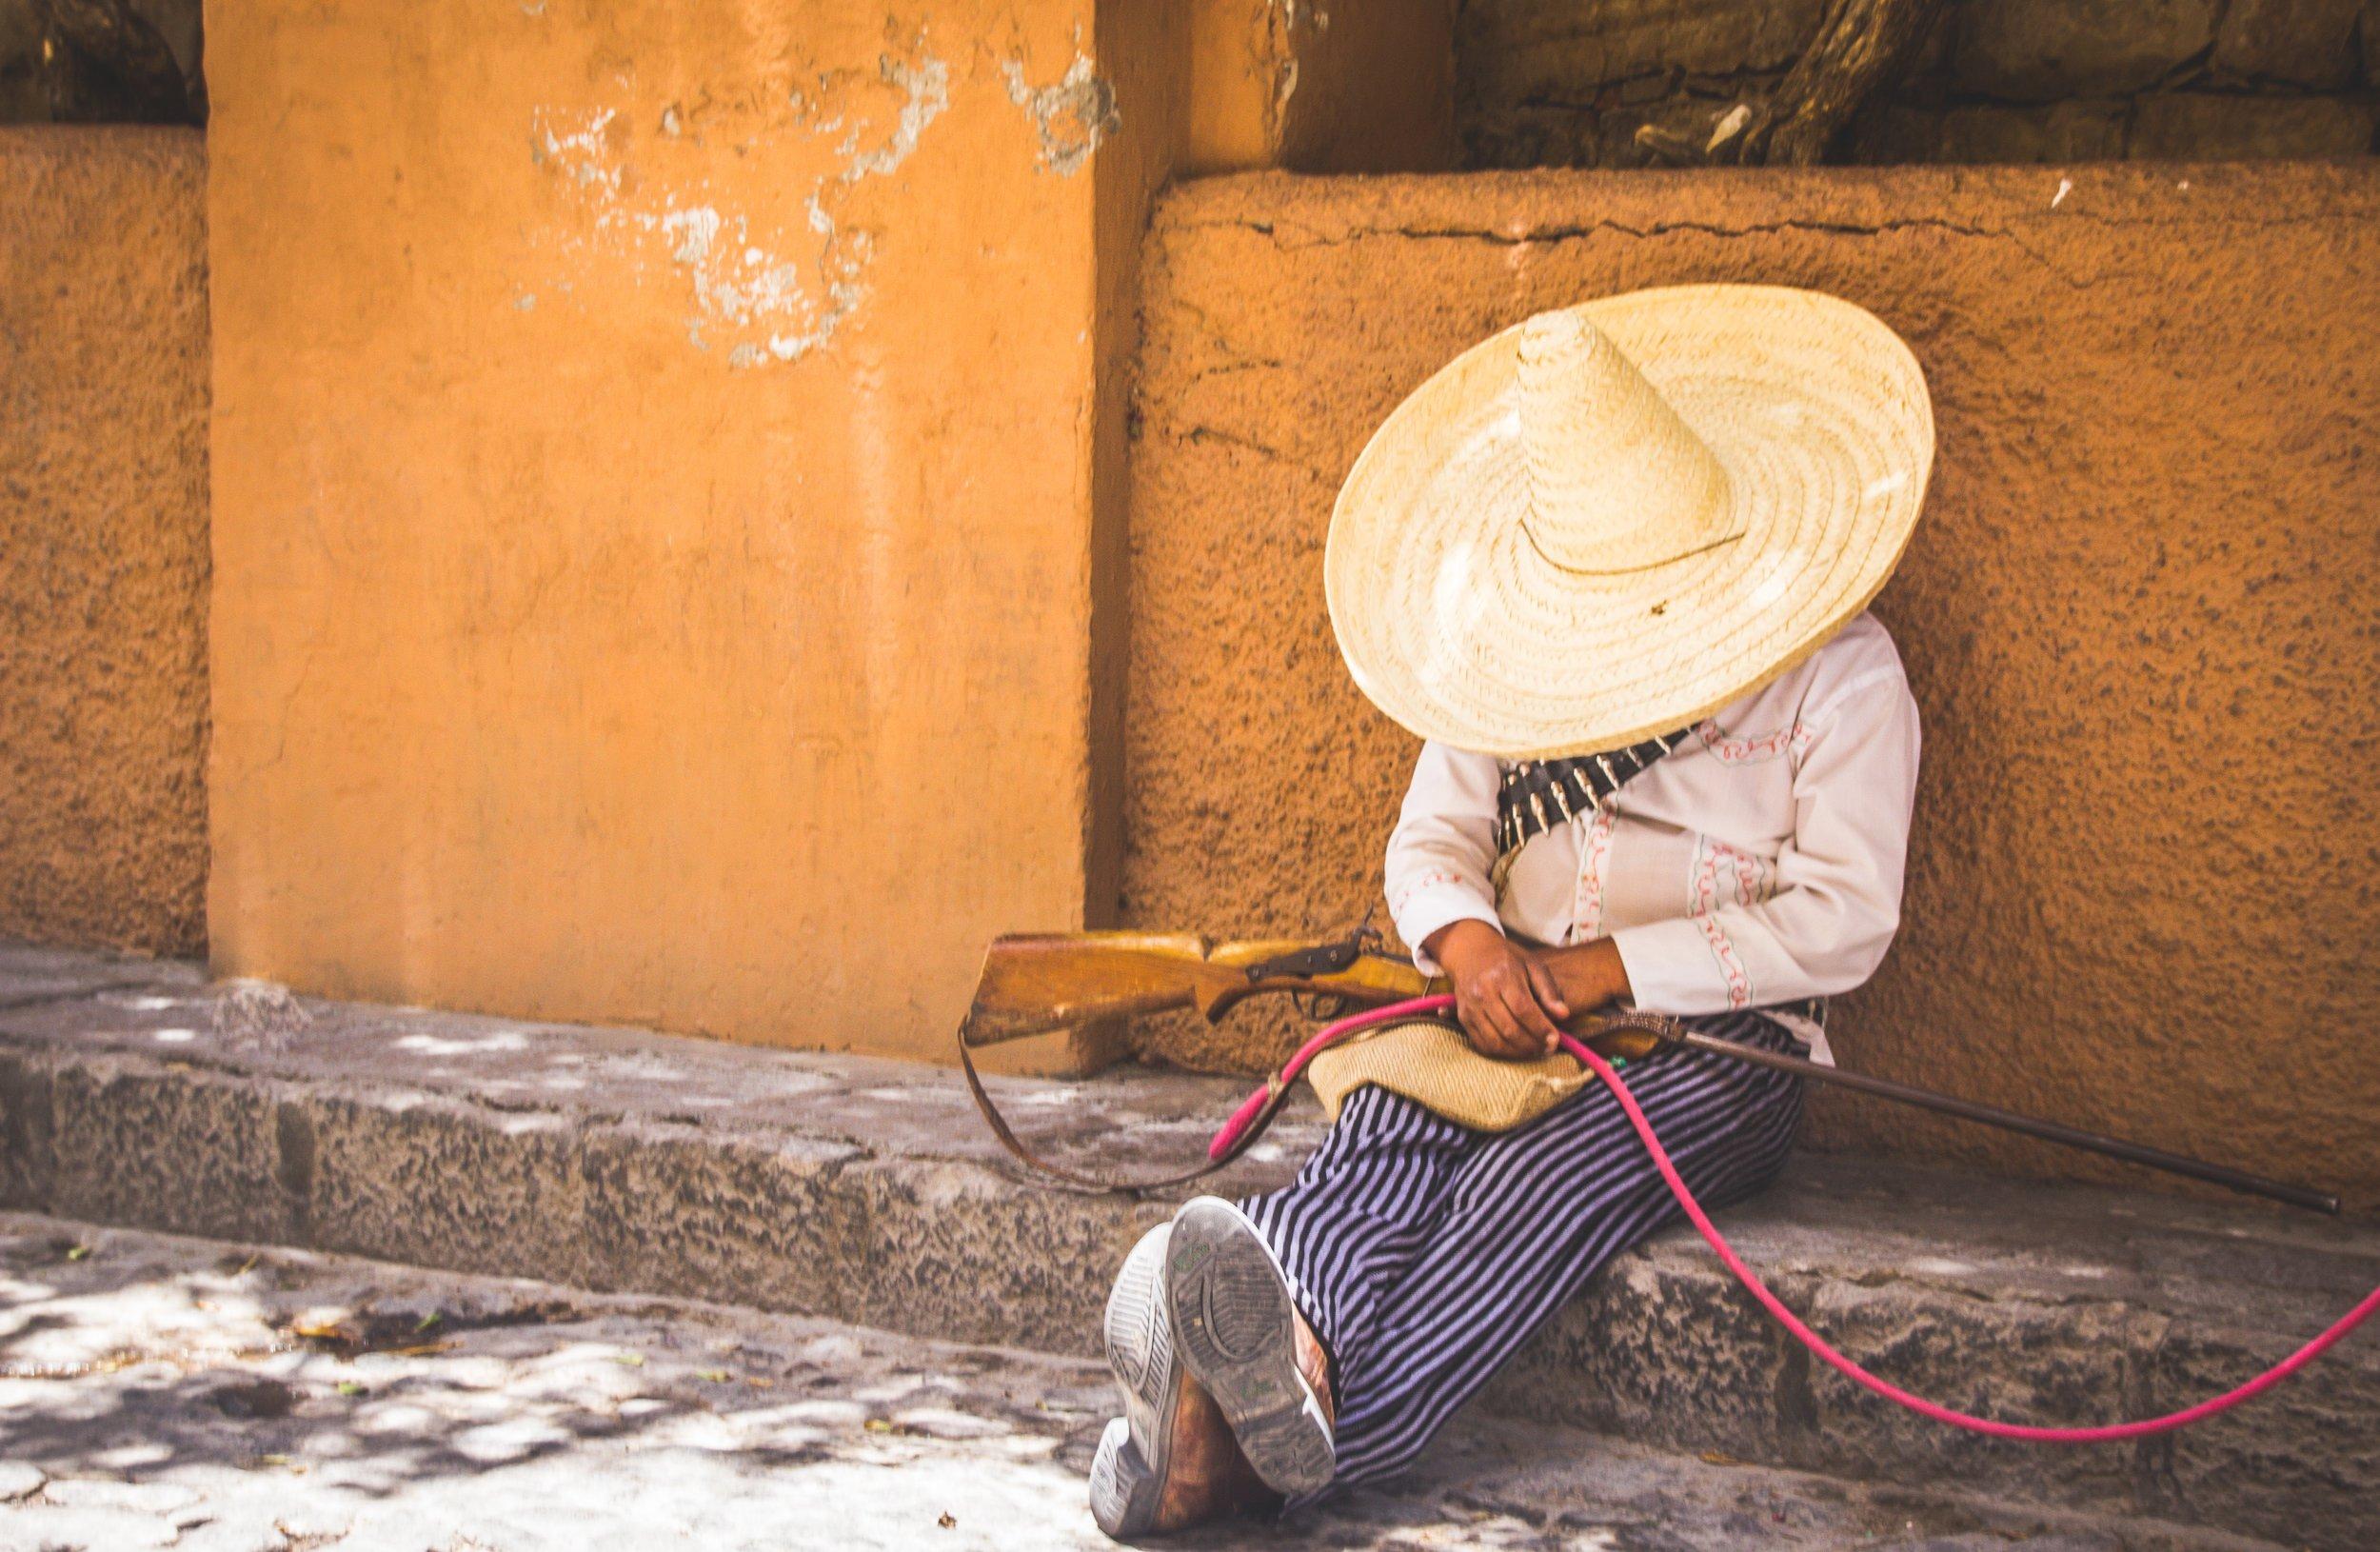 Man in sombrero resting